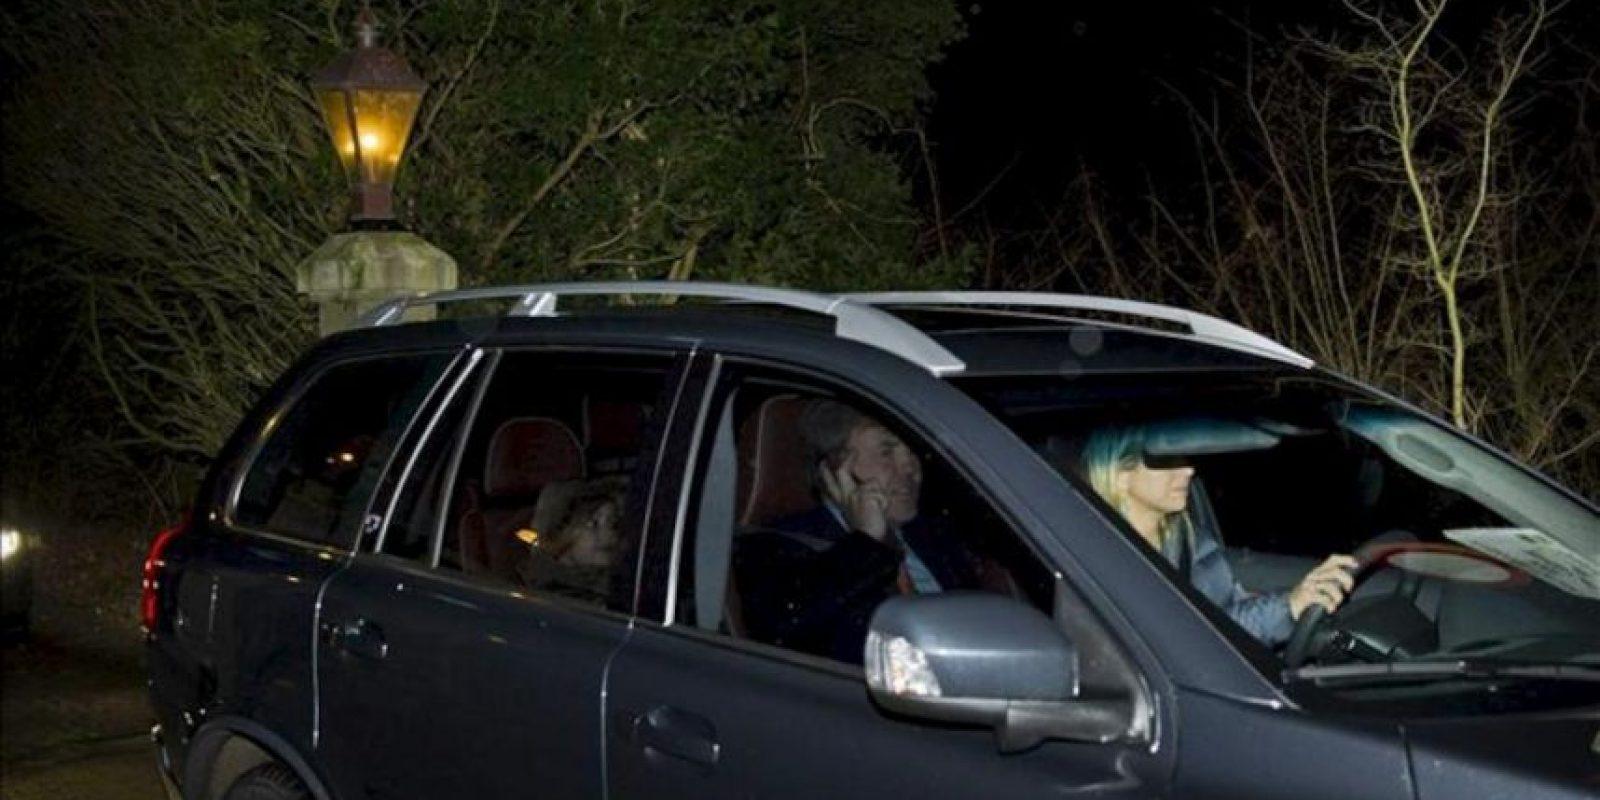 El príncipe heredero, Guillermo Alejandro (c), y su esposa, la princesa Máxima (d), abandonan el palacio de Eikenhorst en Wassenaar, Holanda, el 28 de enero de 2013. EFE